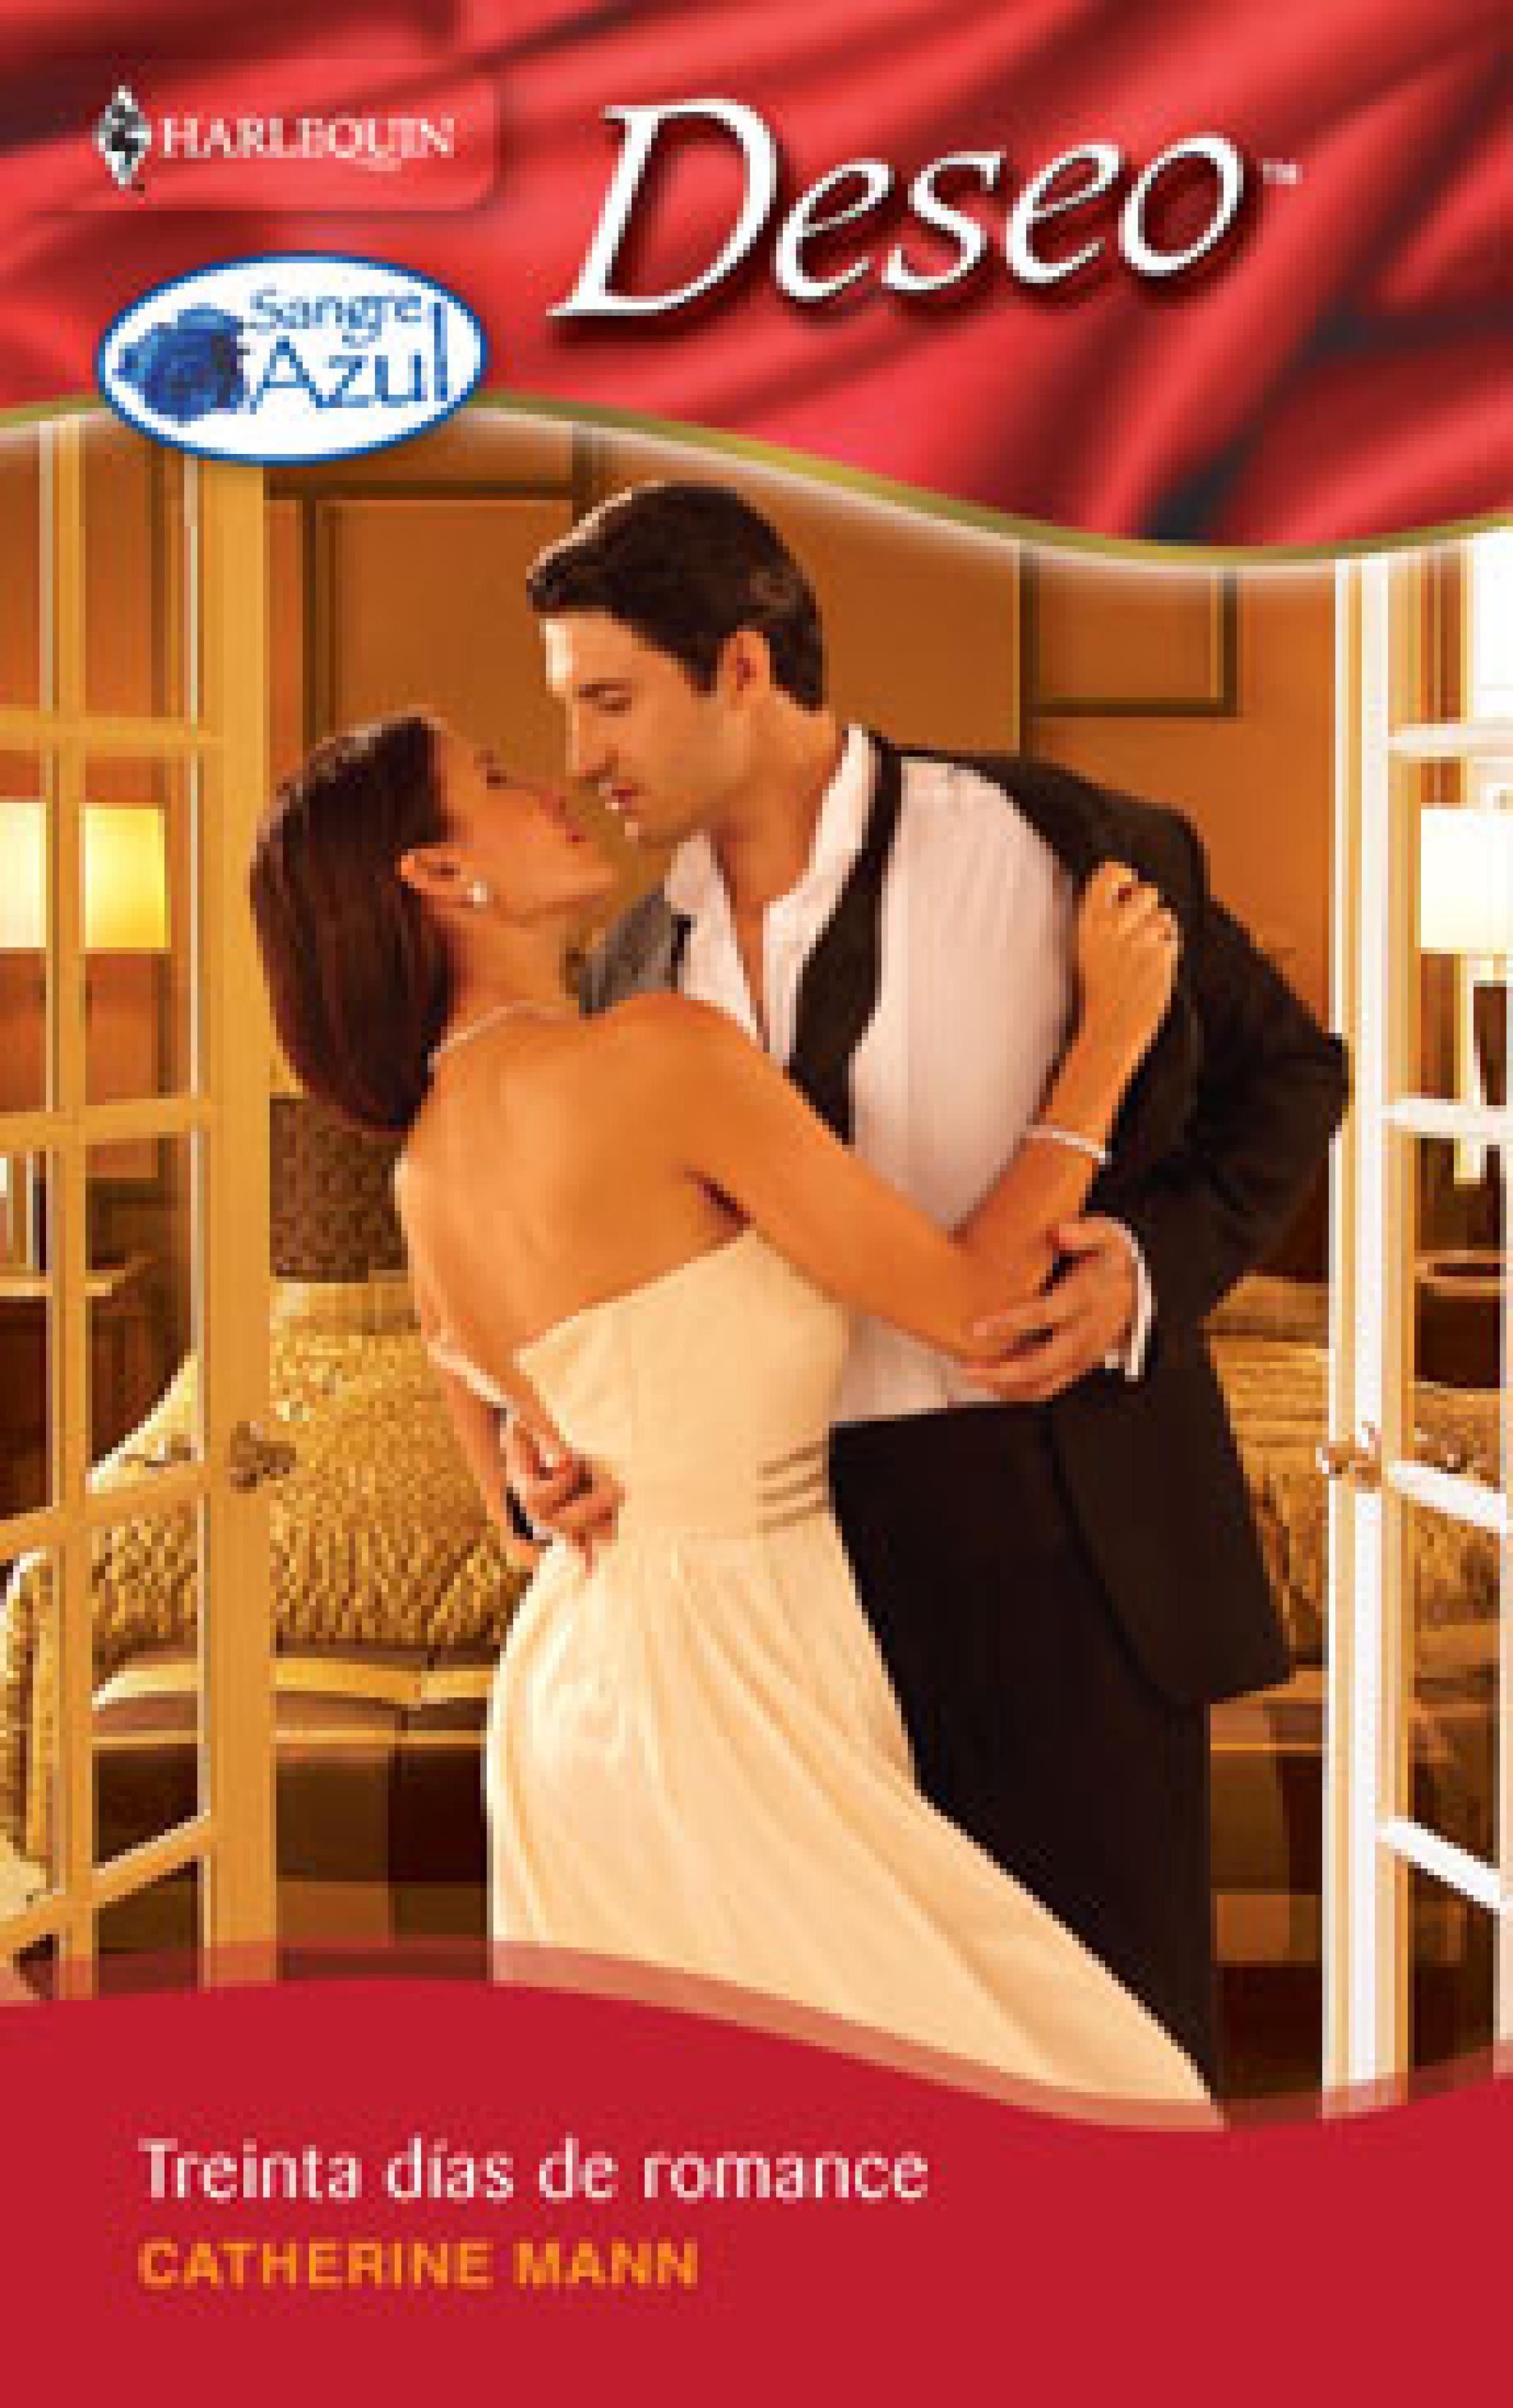 Catherine Mann Treinta días de romance catherine mann el príncipe de sus sueños treinta días de romance un amor impulsivo